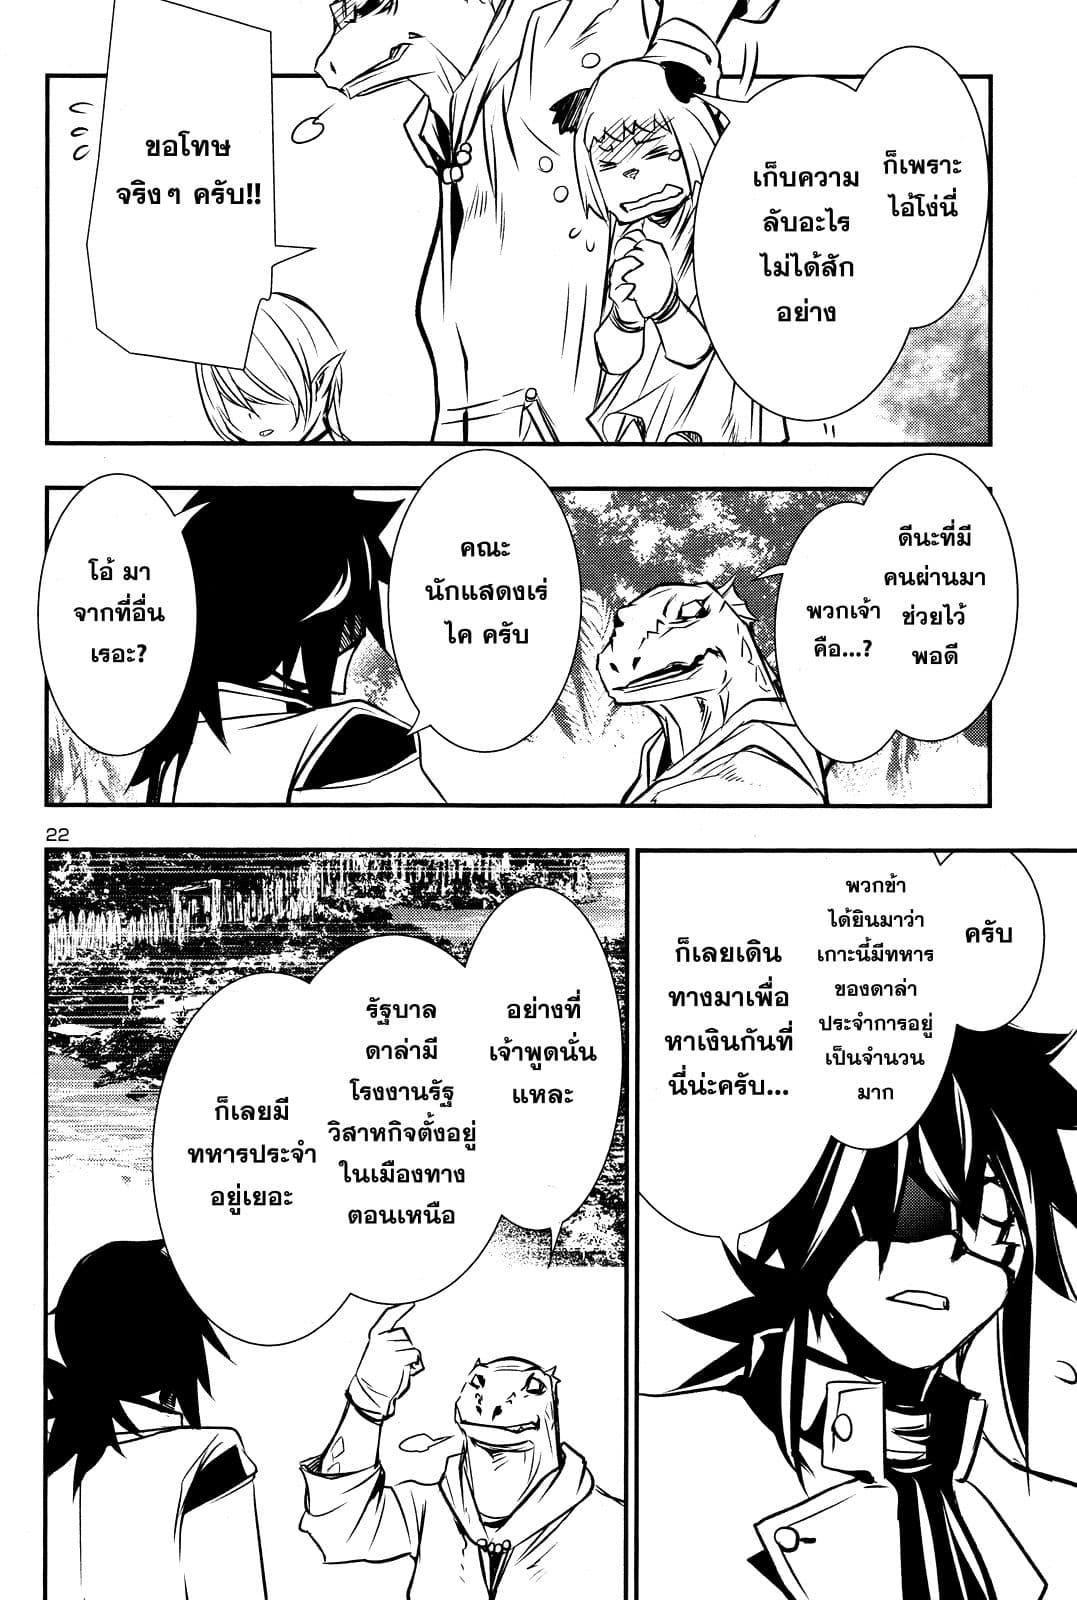 อ่านการ์ตูน Shinju no Nectar ตอนที่ 14 หน้าที่ 22